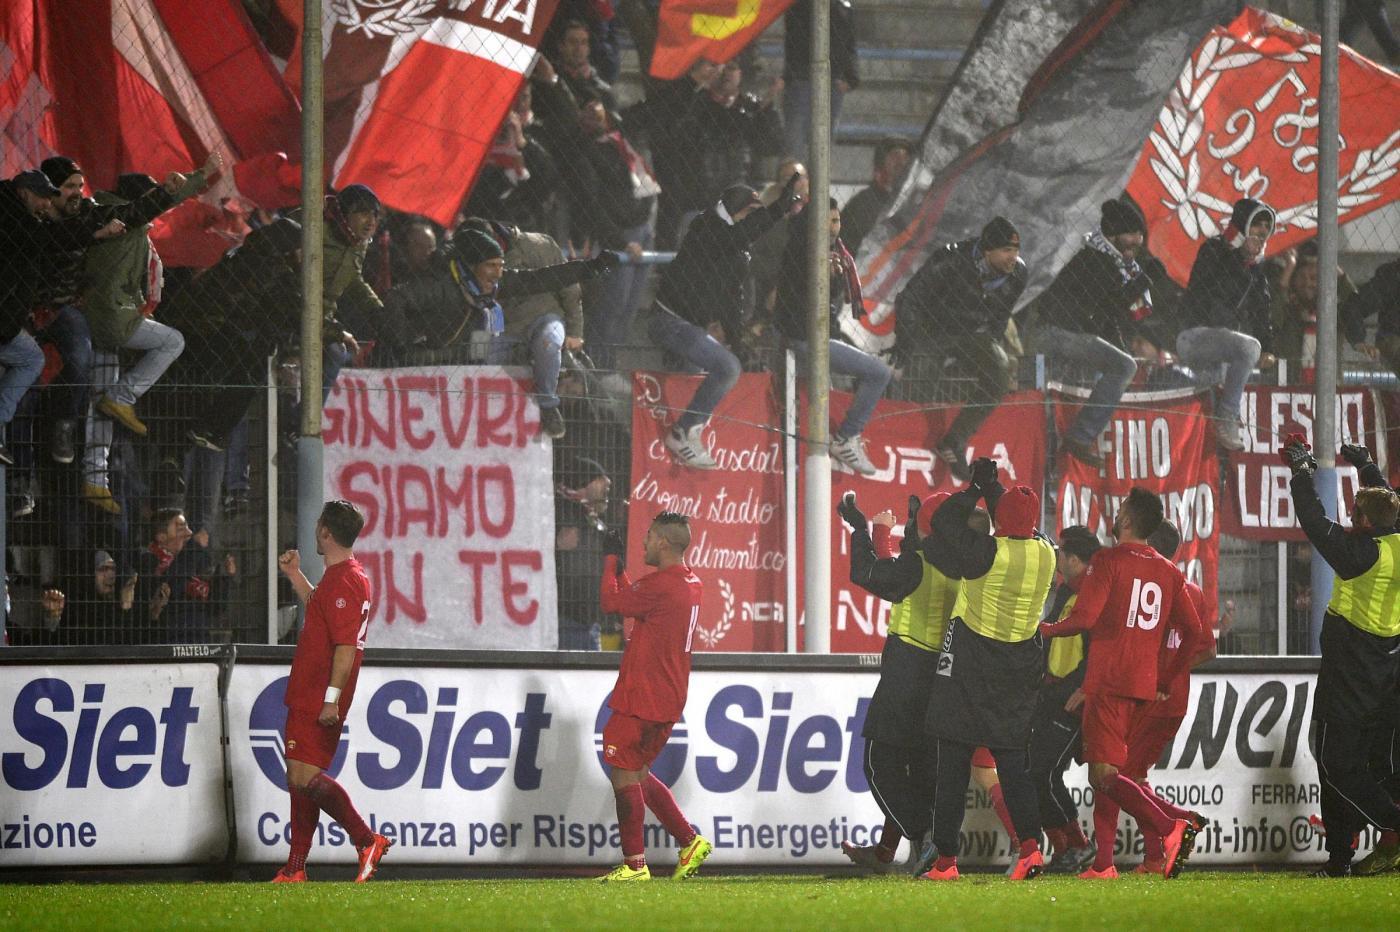 Lega Pro: Ancona comprato dai tifosi